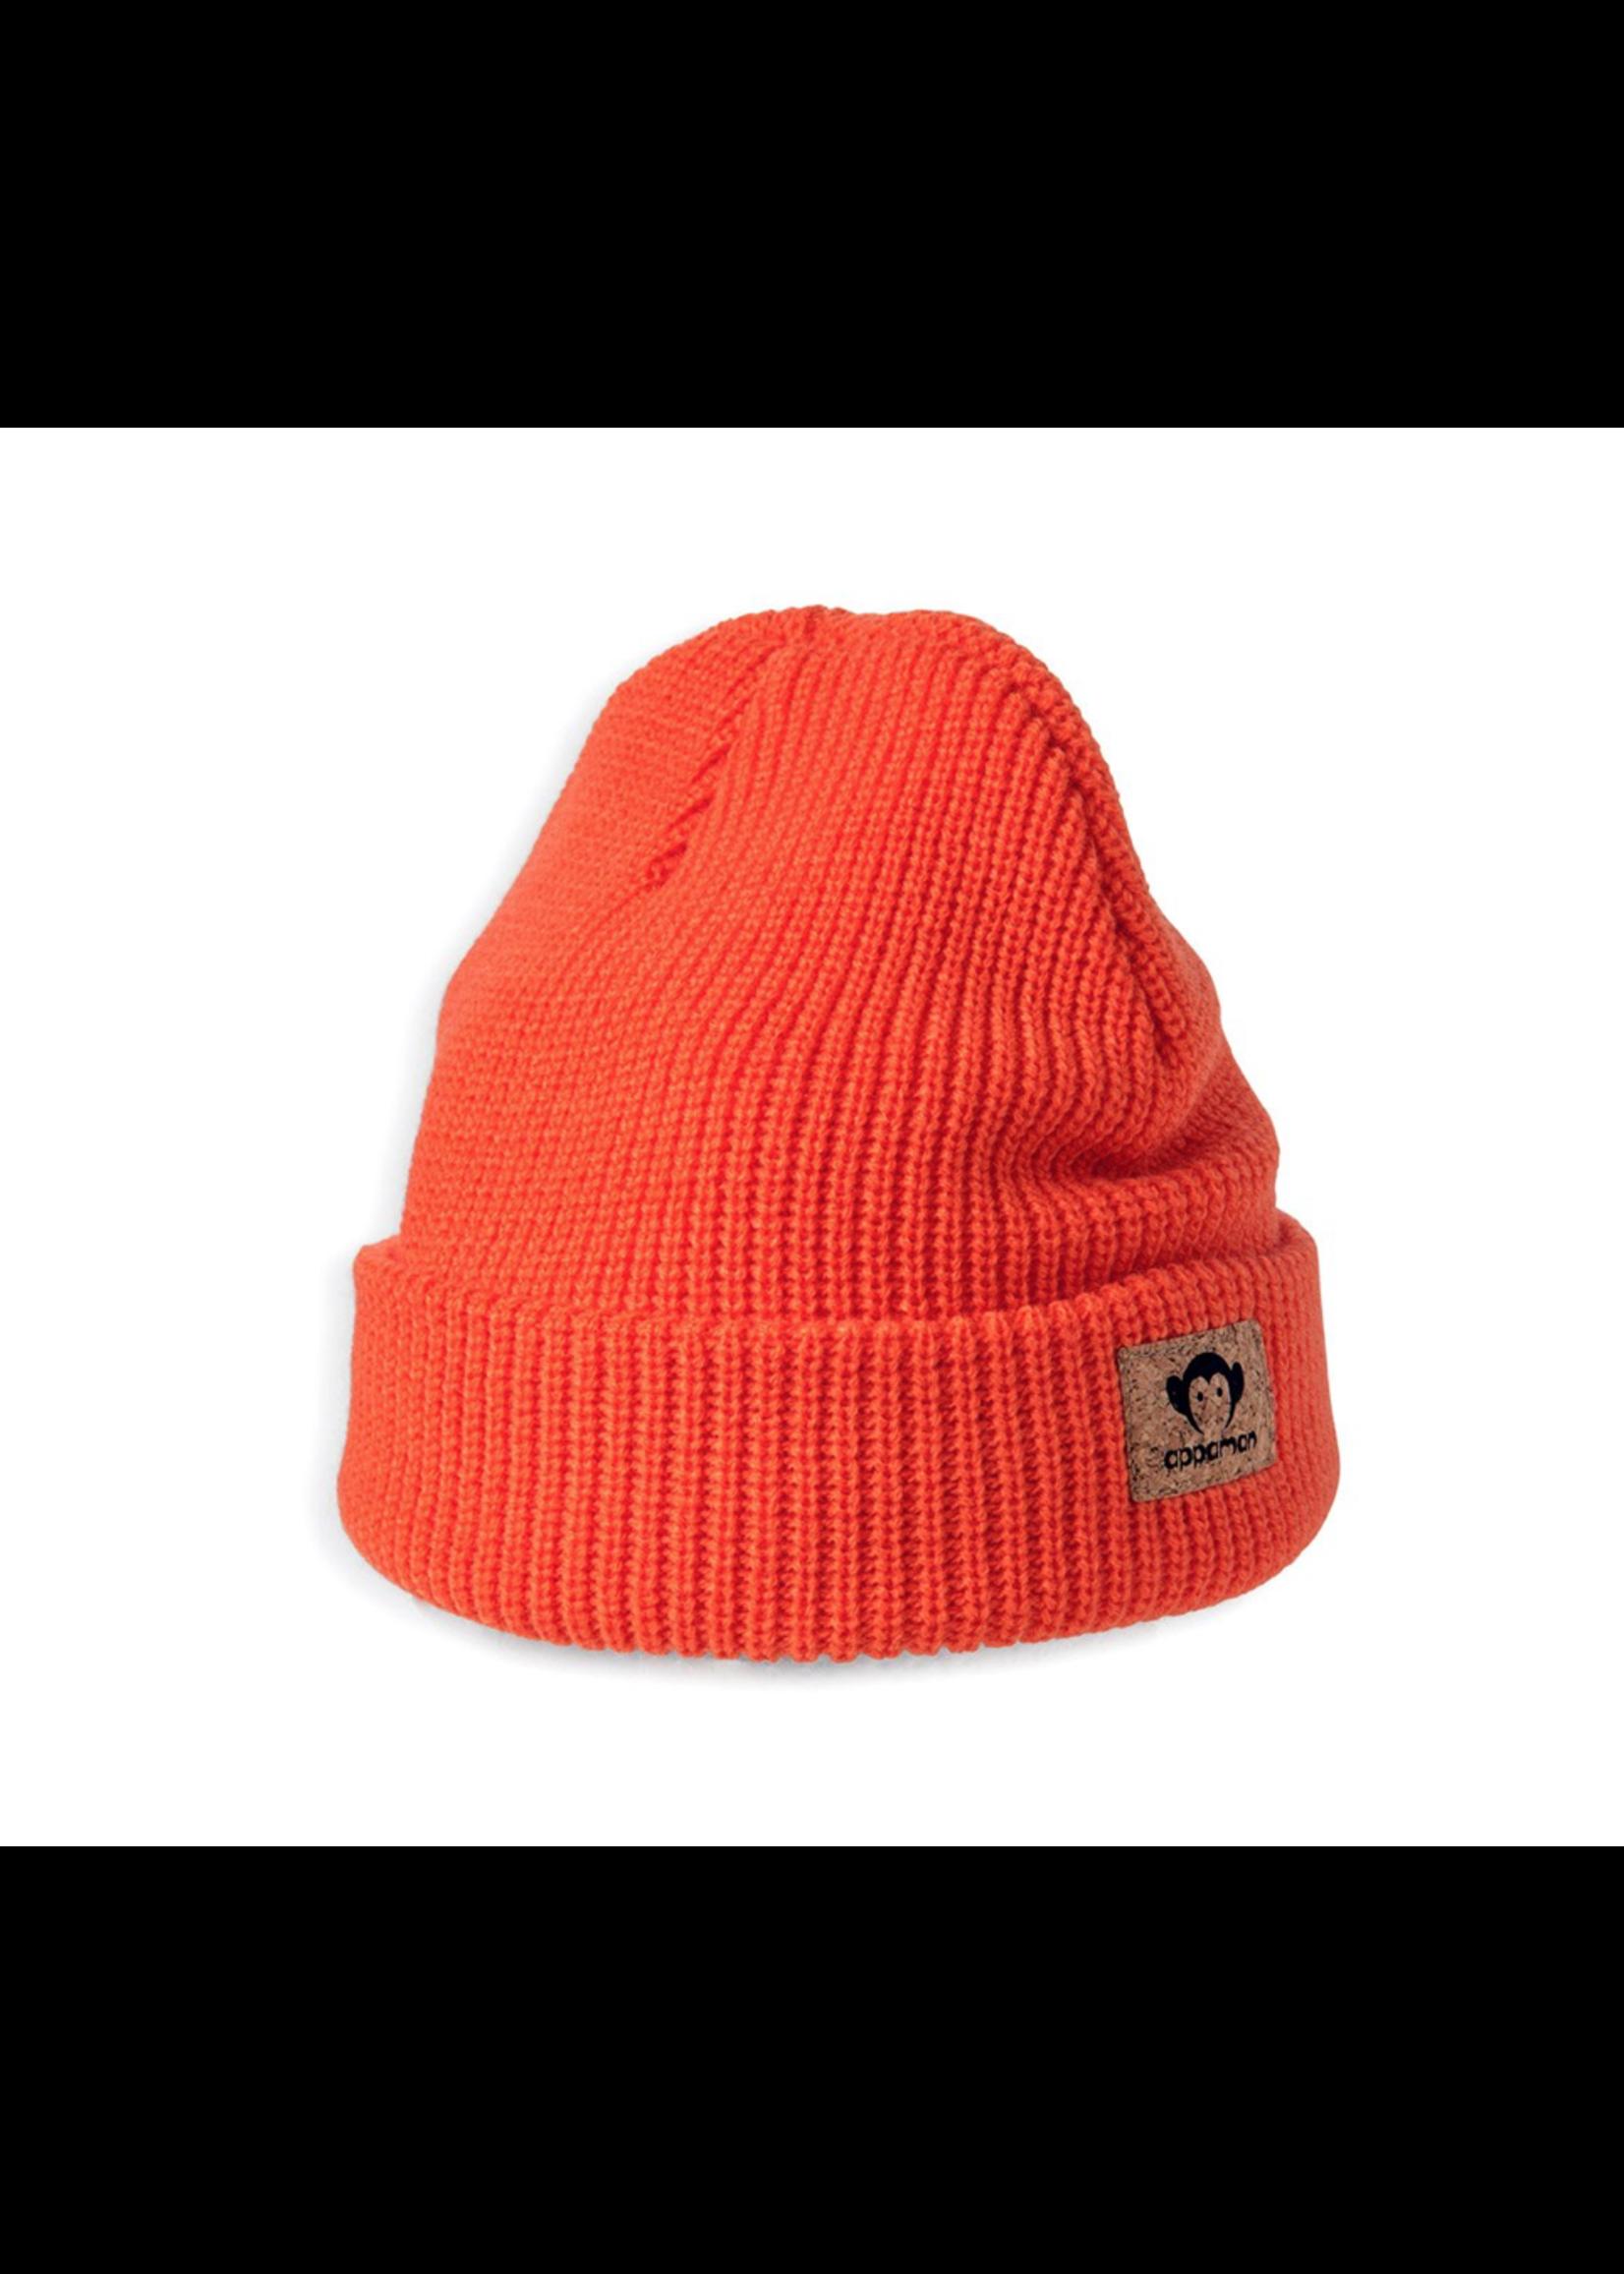 Appaman Appaman, Haze Hat